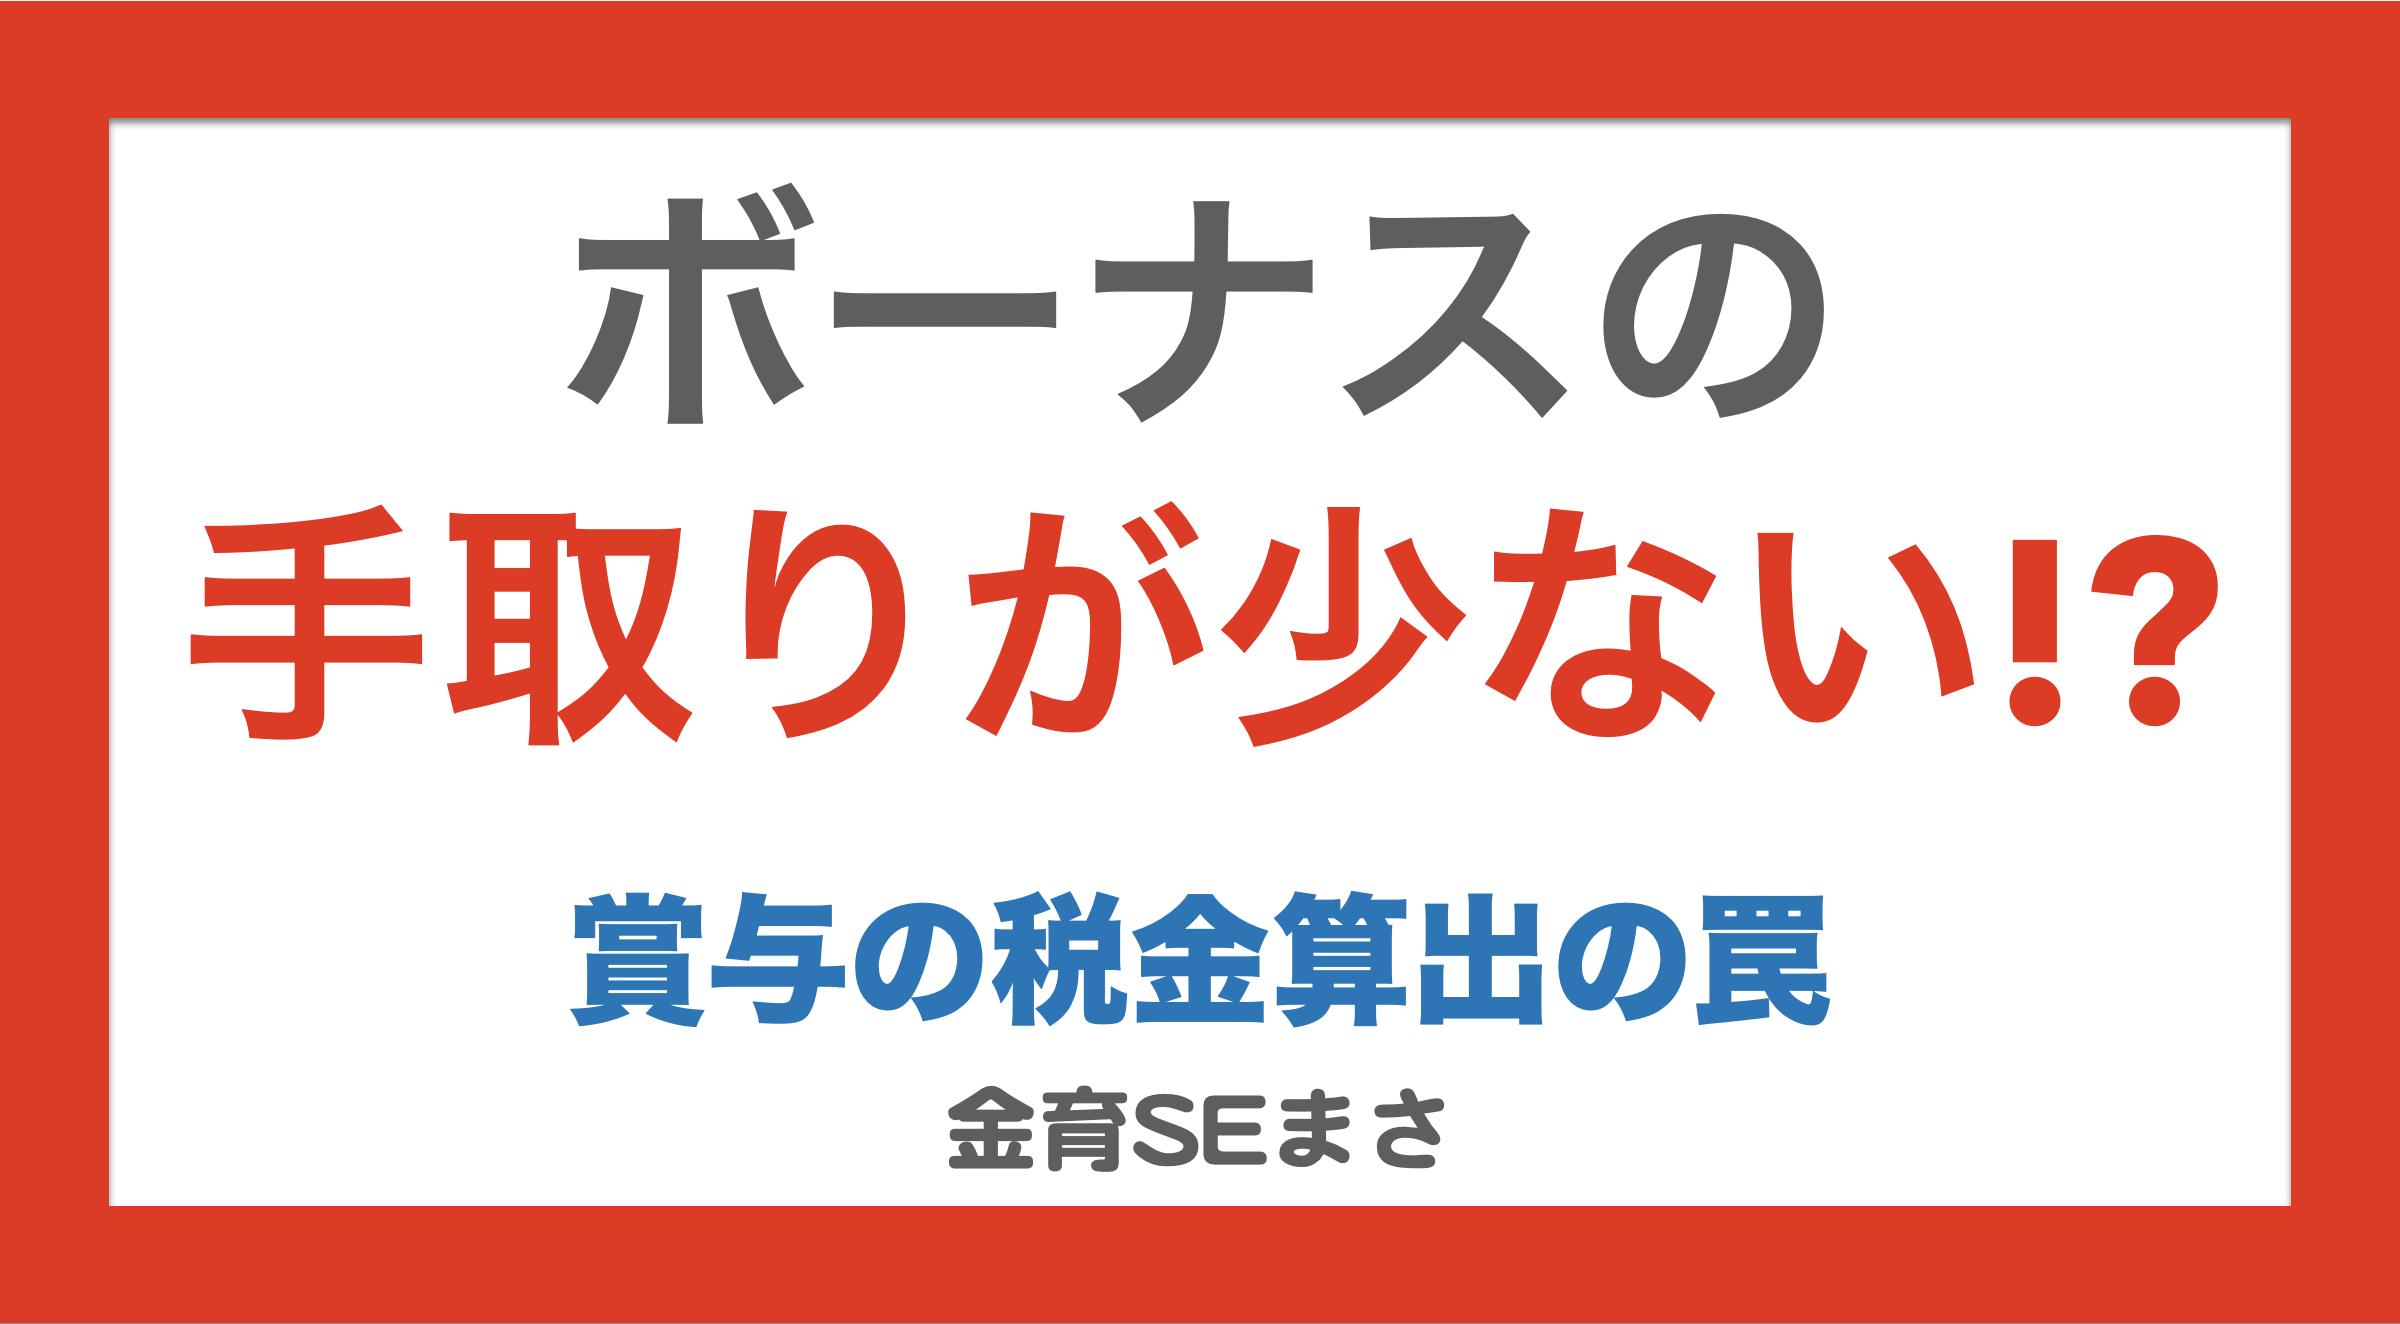 手取り 計算 賞与 賞与(ボーナス)の社会保険料を自動計算する「無料エクセルファイル」の紹介